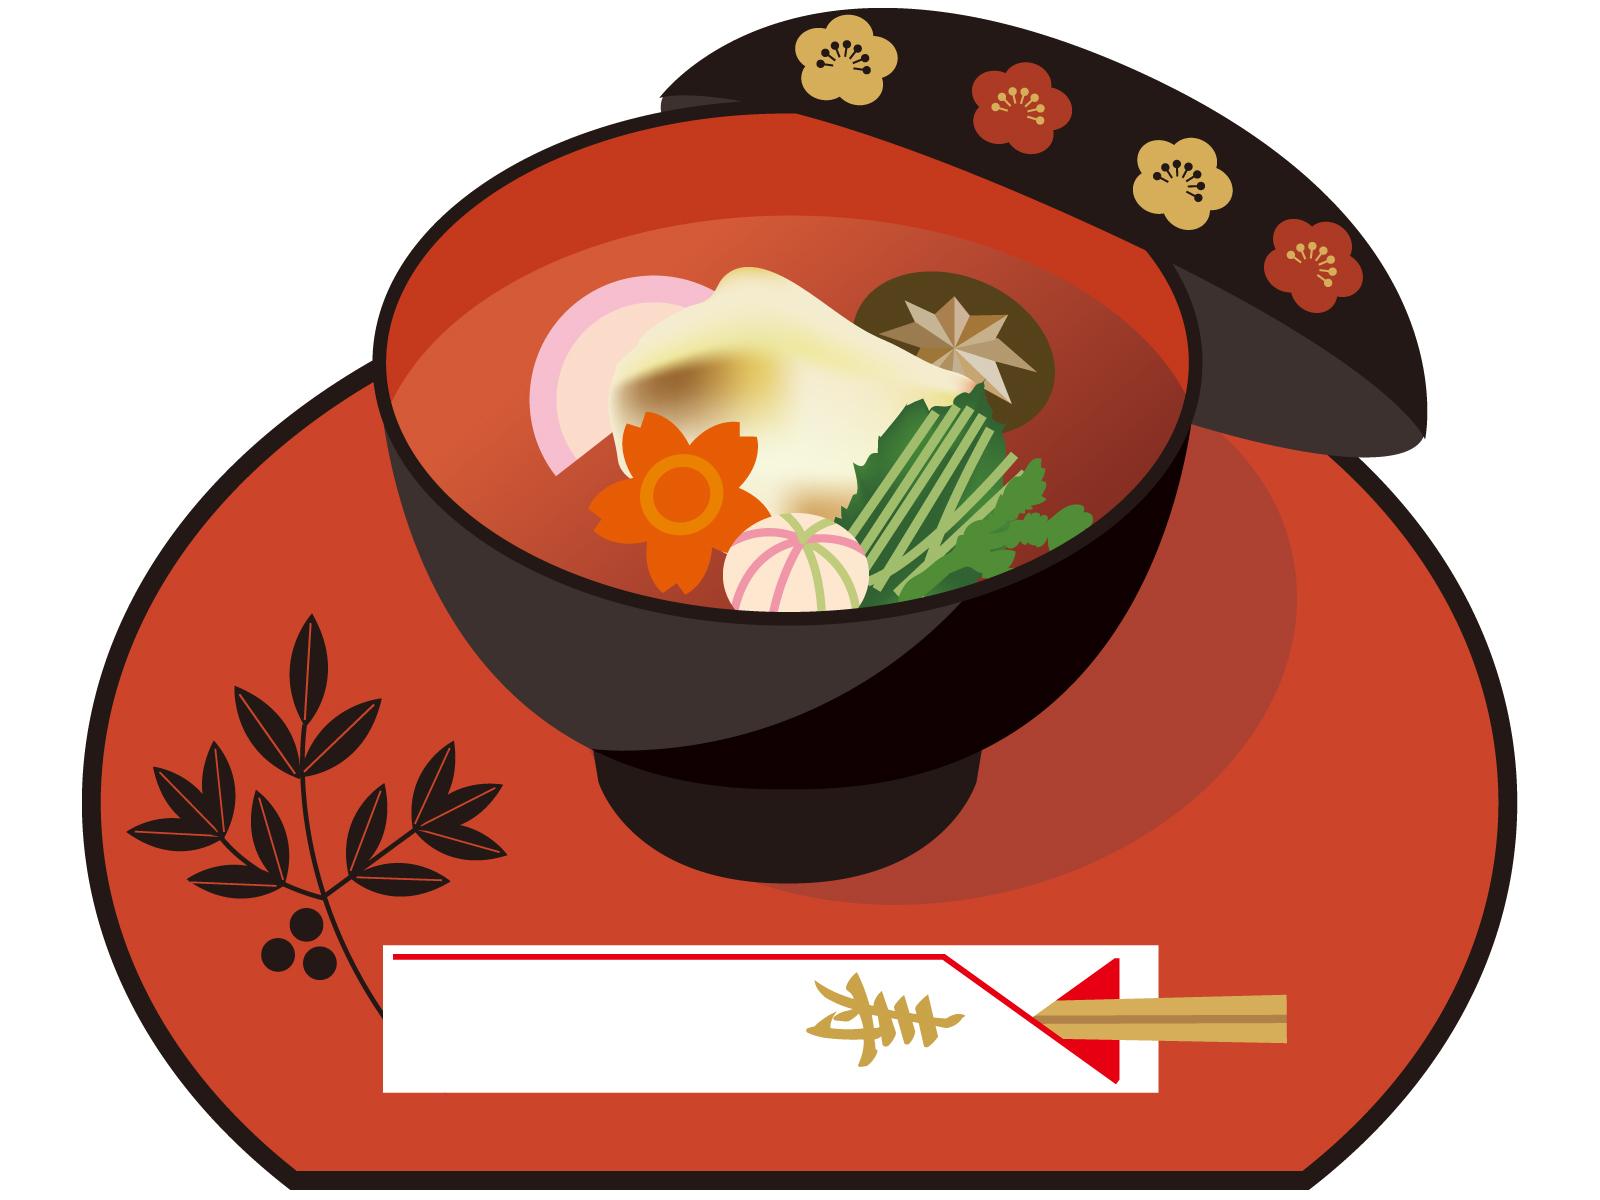 お雑煮,お雑煮 とは,お雑煮 意味,お雑煮 由来,お雑煮 子供,お雑煮 意味 由来 子供に説明できるように